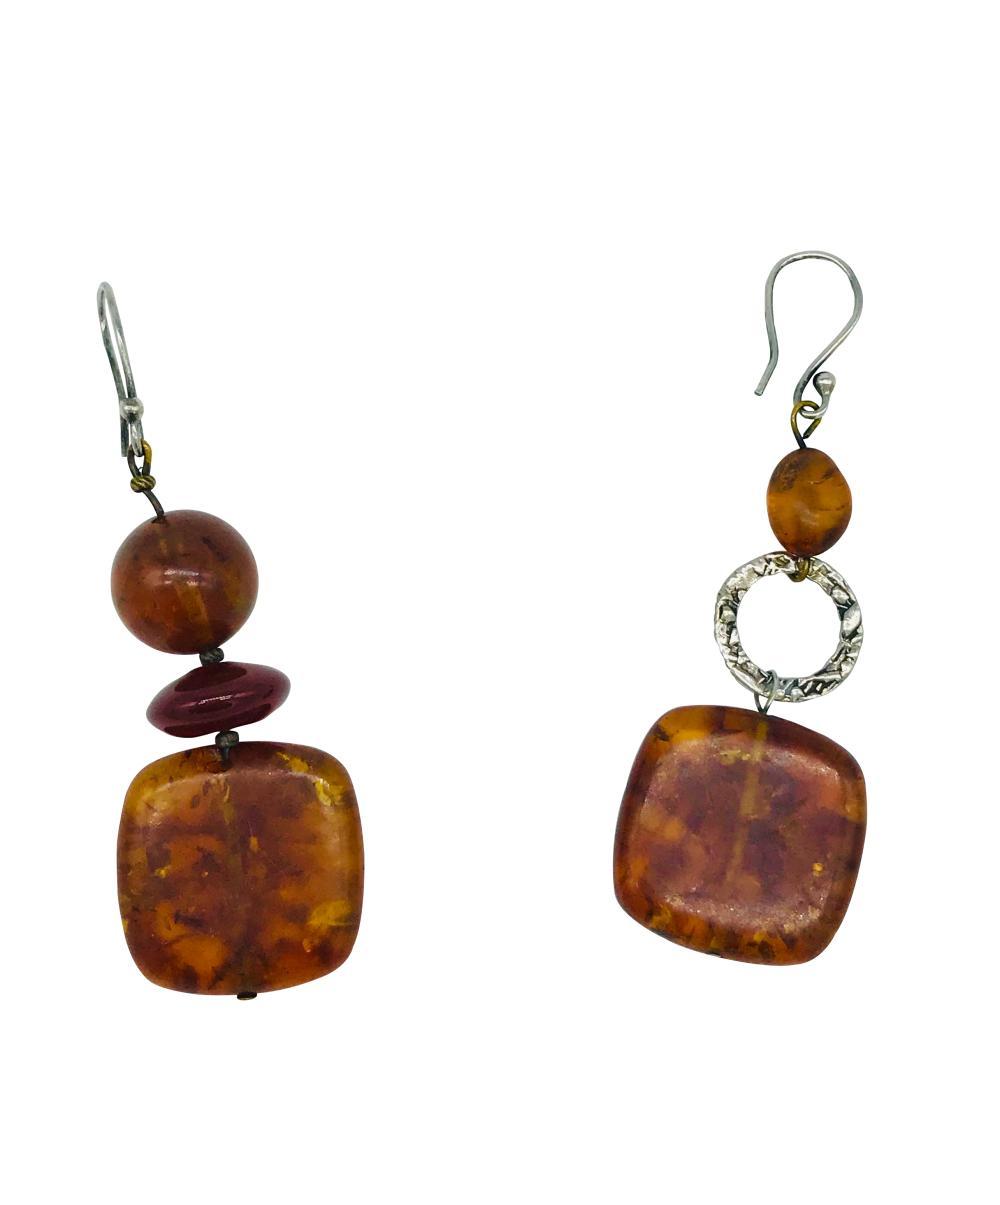 Lot 8710: Modern, Amber Hanging Sterling Alternating Shapes, Earrings